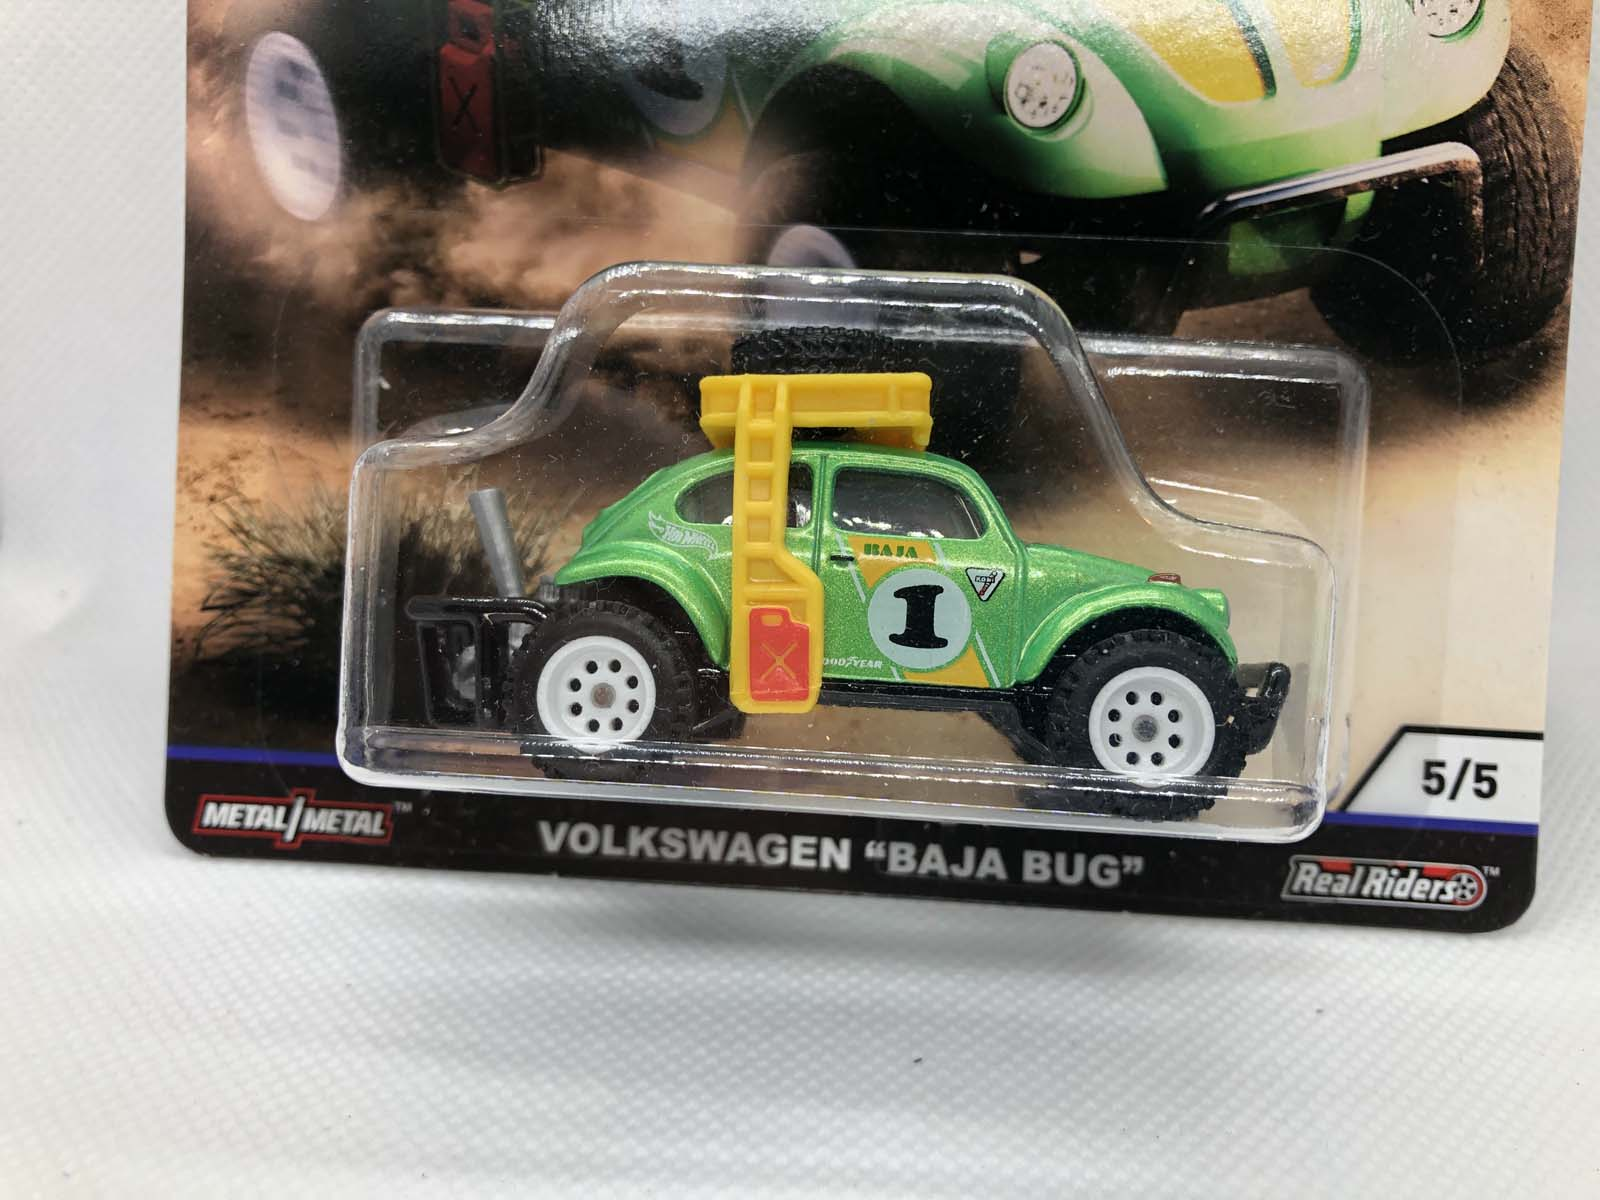 Volkswagen Baja Bug